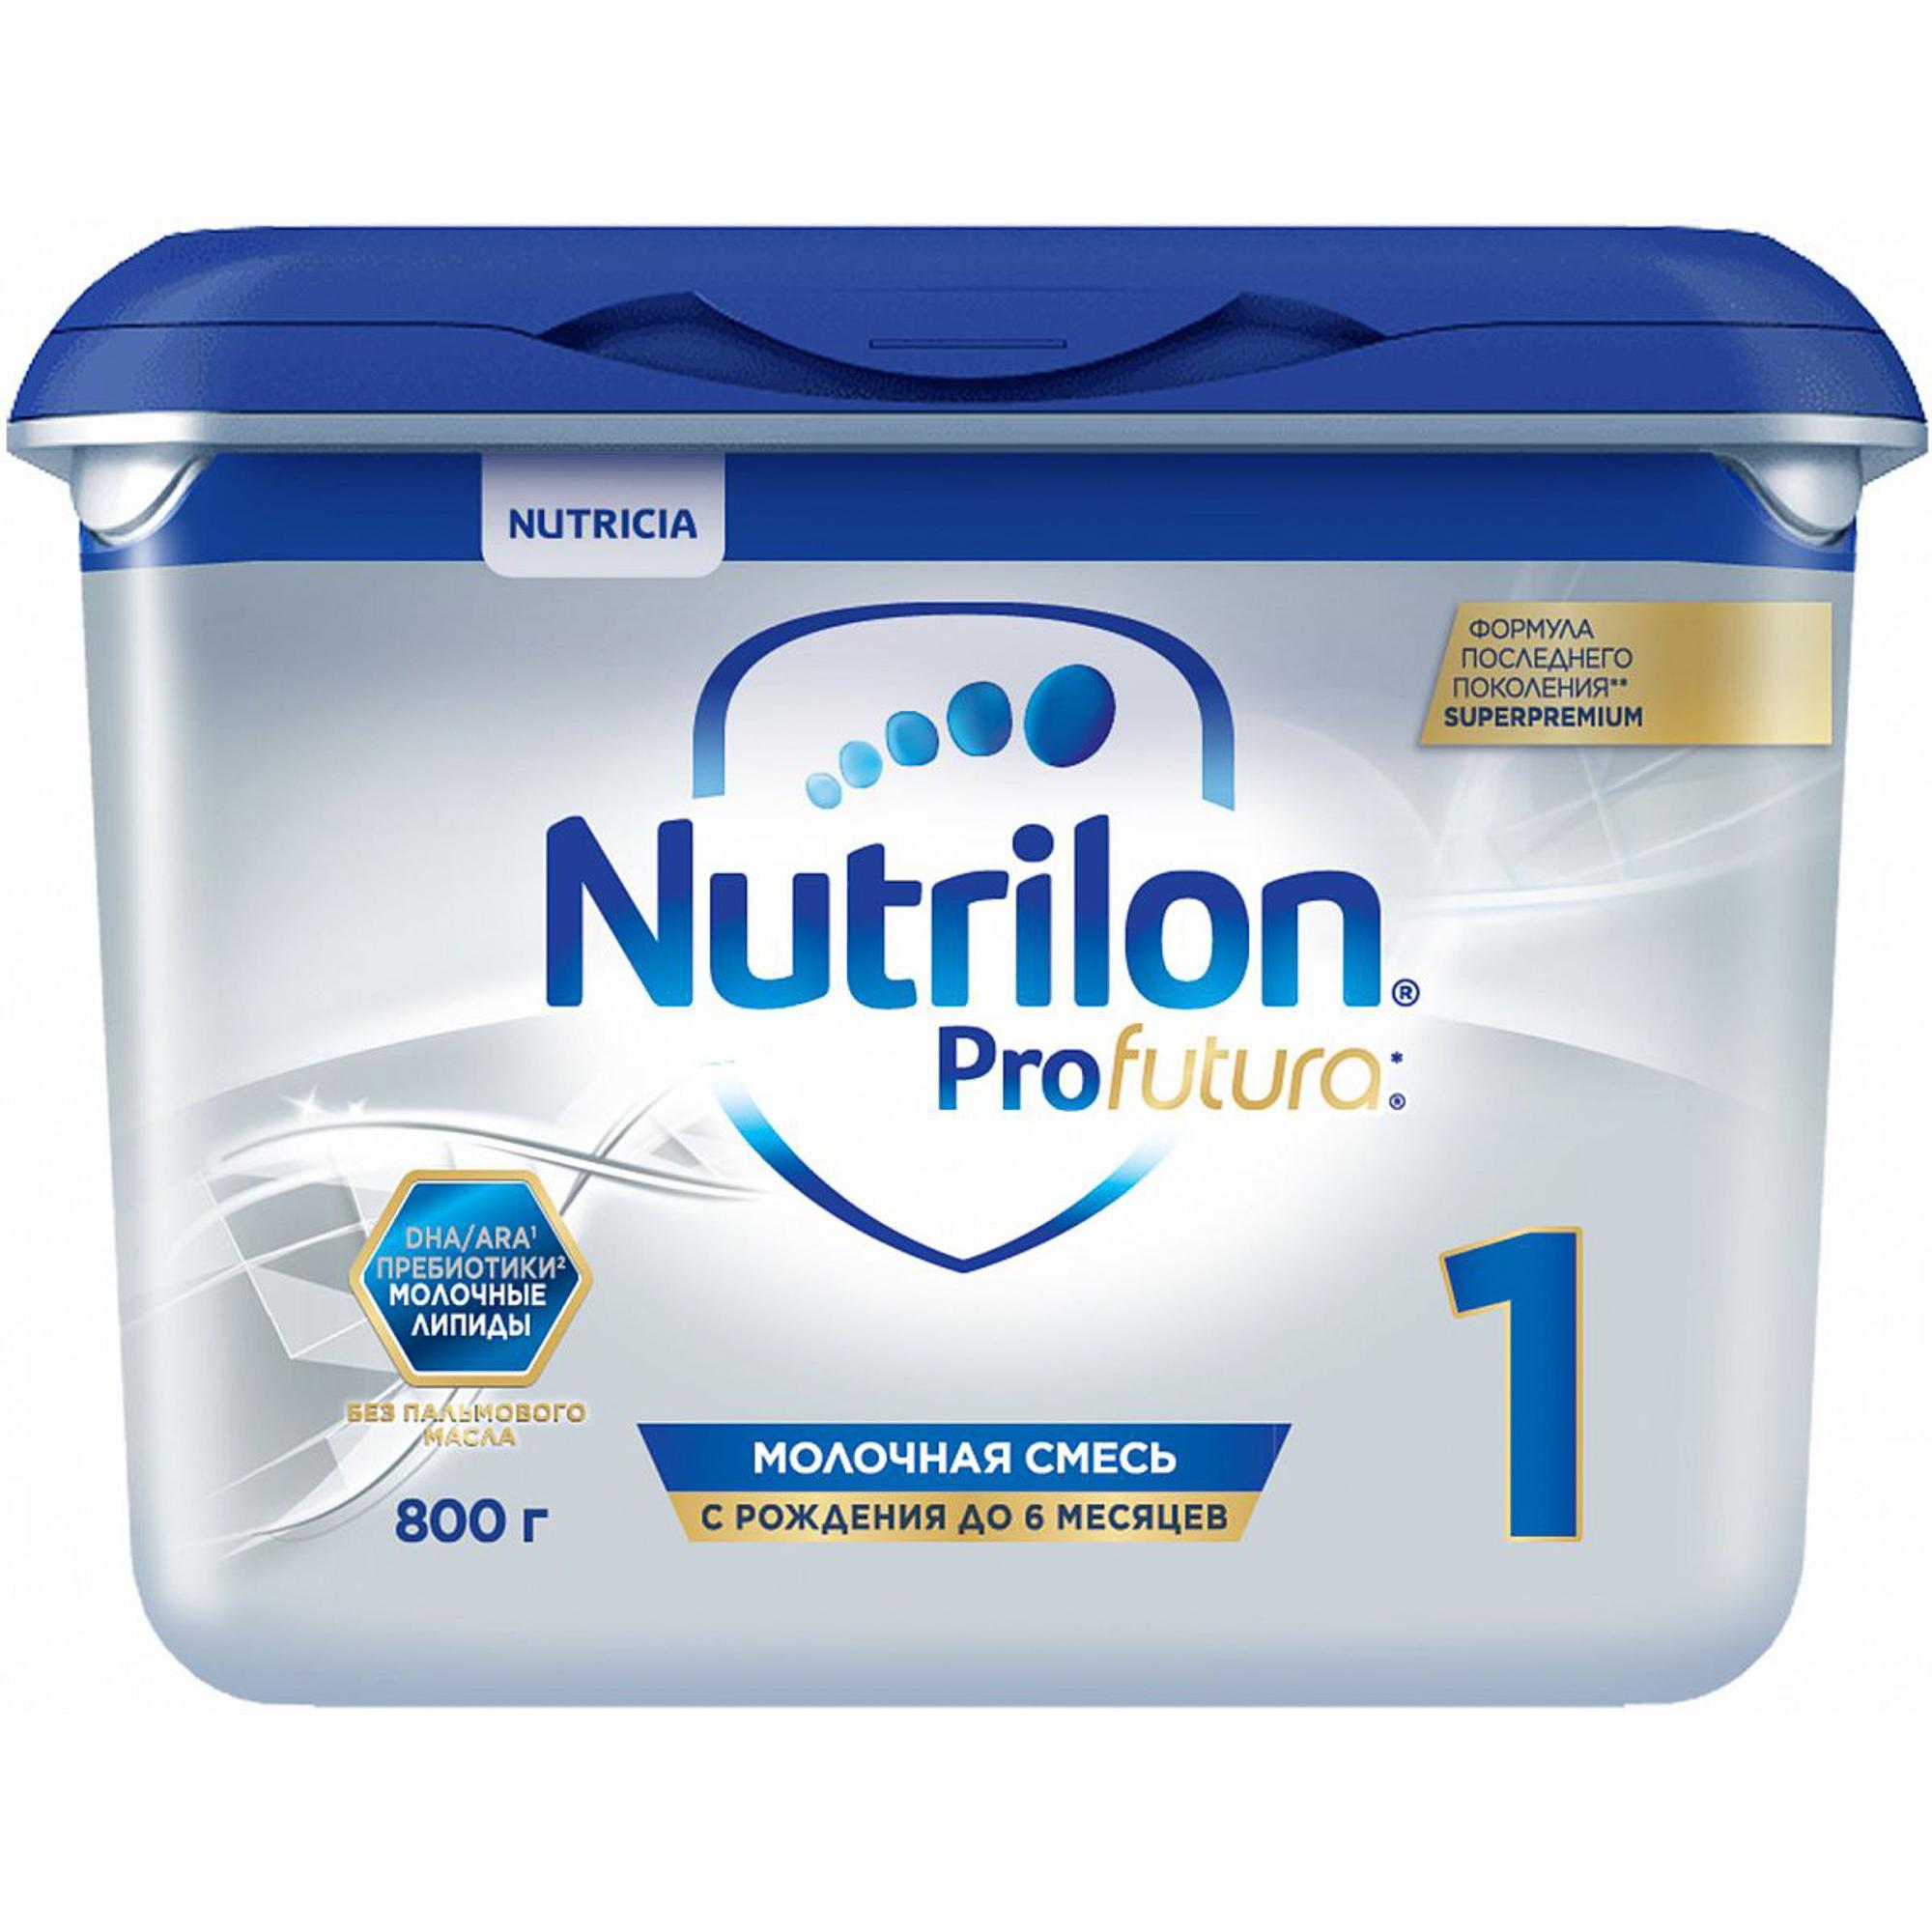 Молочная смесь Nutrilon 1 Superpremium ProFutura с рождения 800 г молочная смесь nutricia nutrilon nutricia 1 premium c рождения 800 г